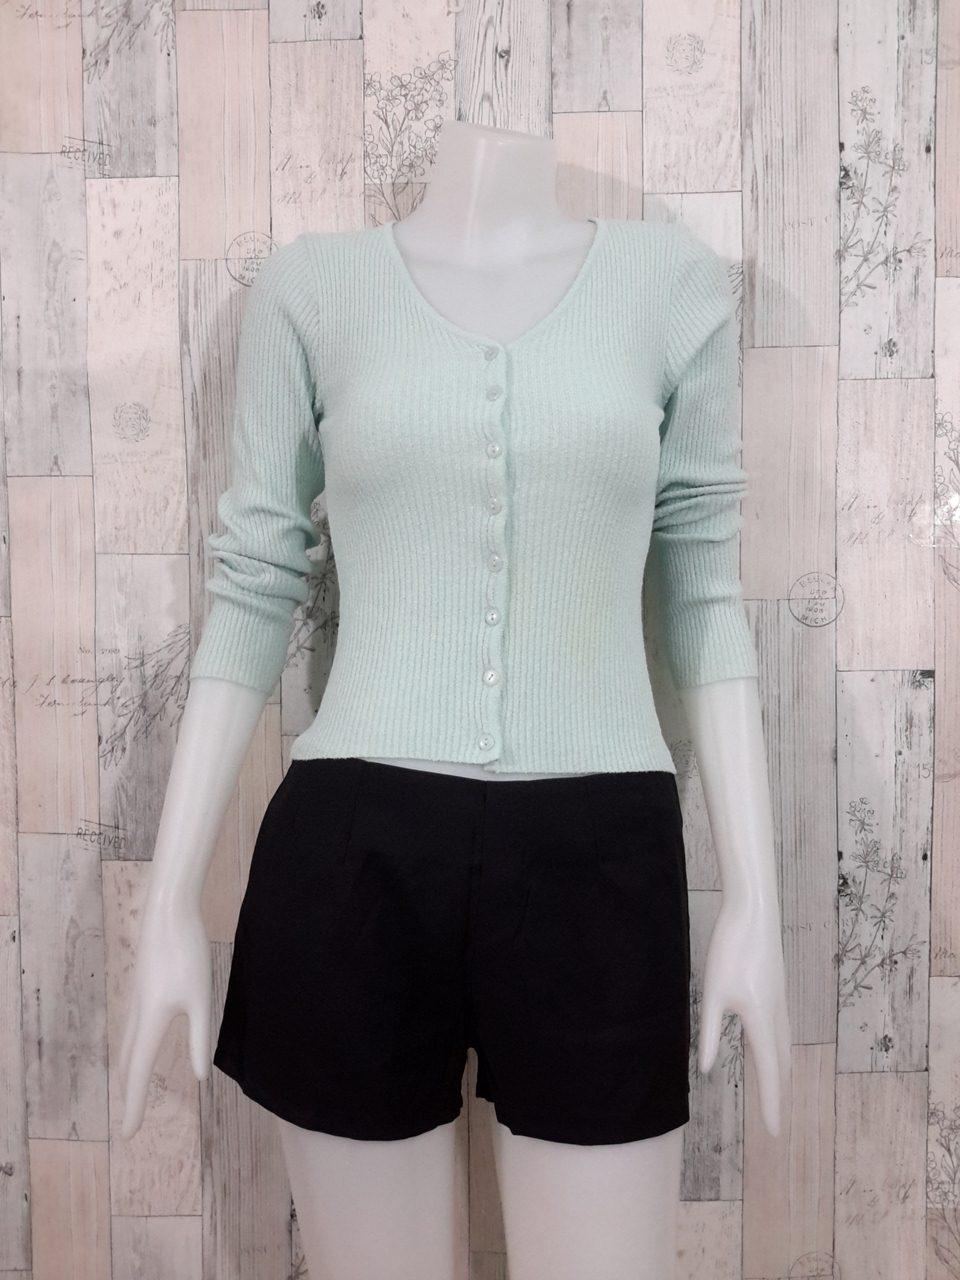 Blouse3536 2nd hand clothes เสื้อคลุมไหมพรมร่อง(เนื้อหนาปานกลาง) แขนยาว กระดุมผ่าหน้า สีพื้นฟ้าอ่อน